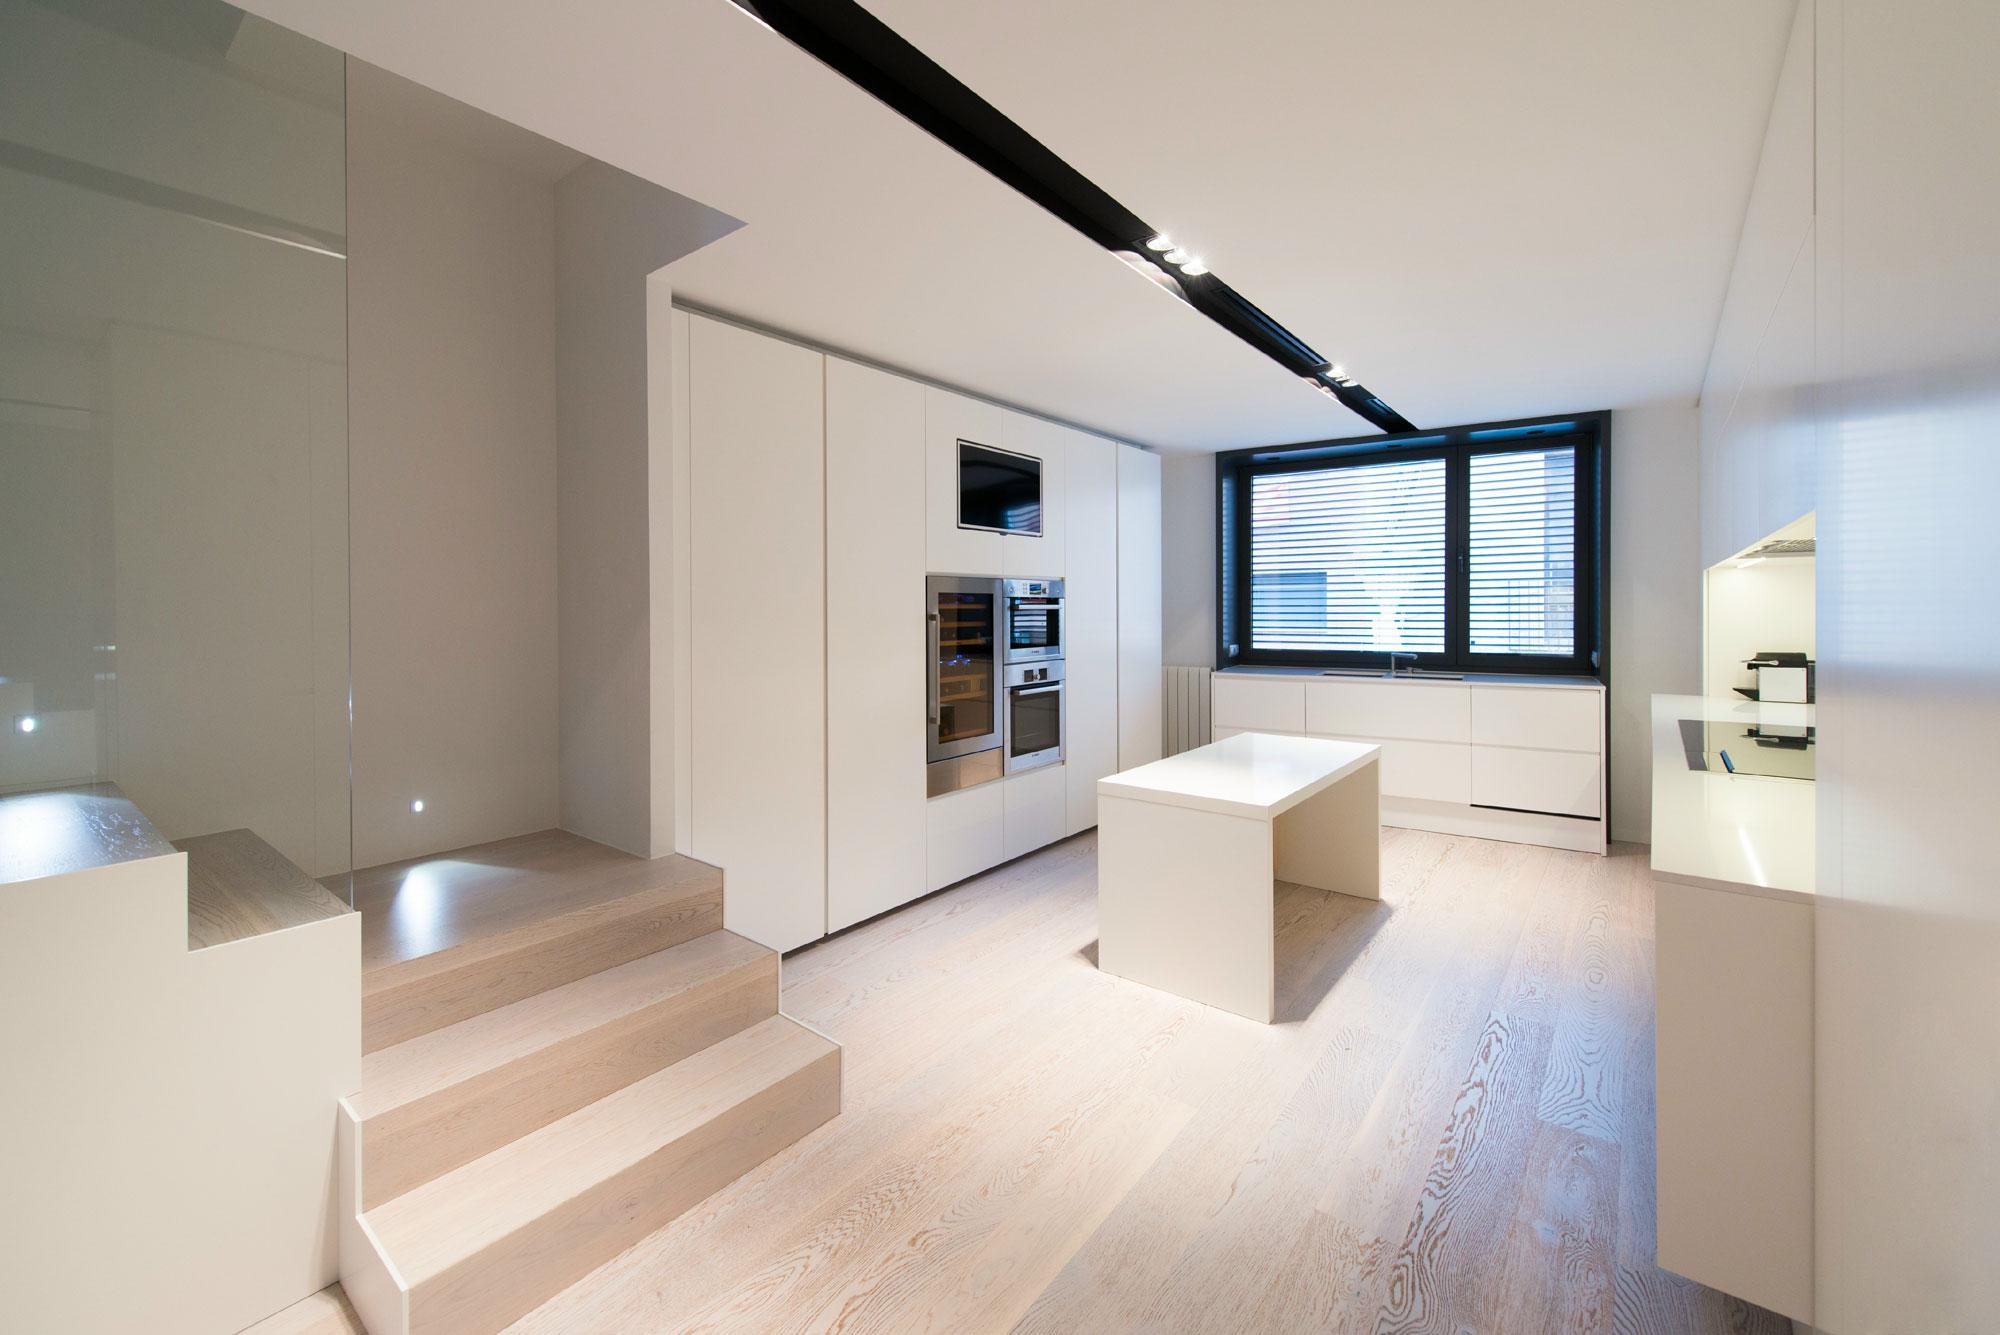 Интерьер островной кухни в стиле минимализм